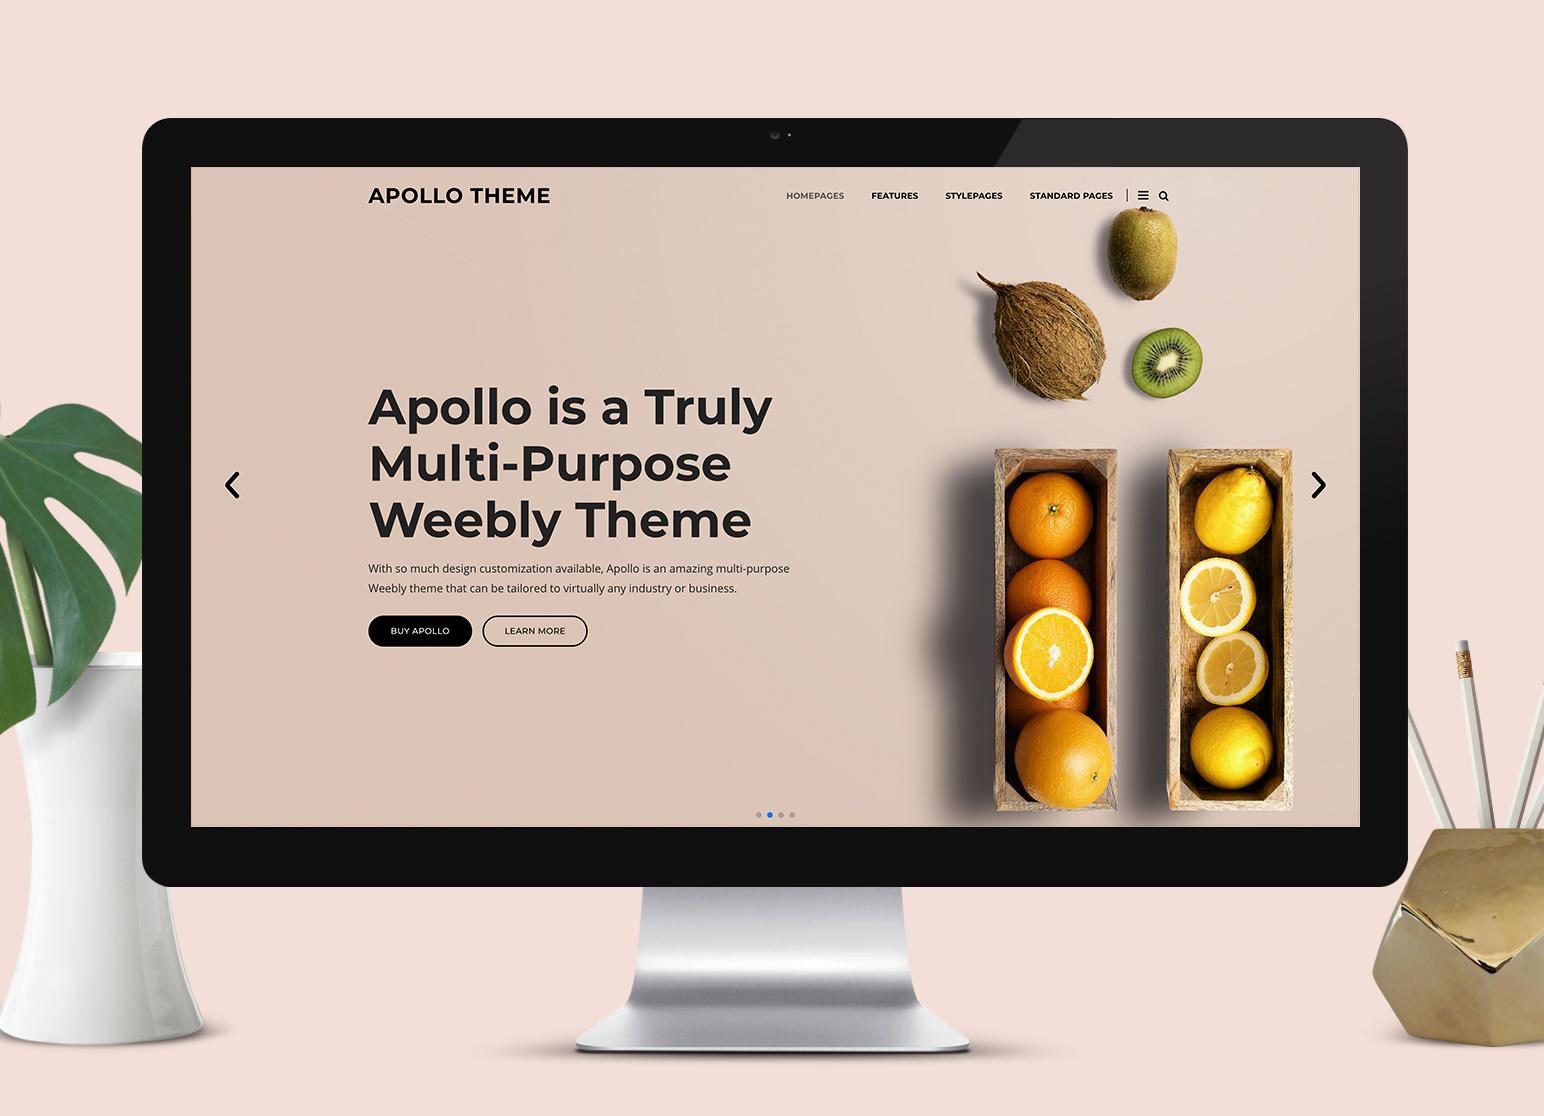 Apollo theme